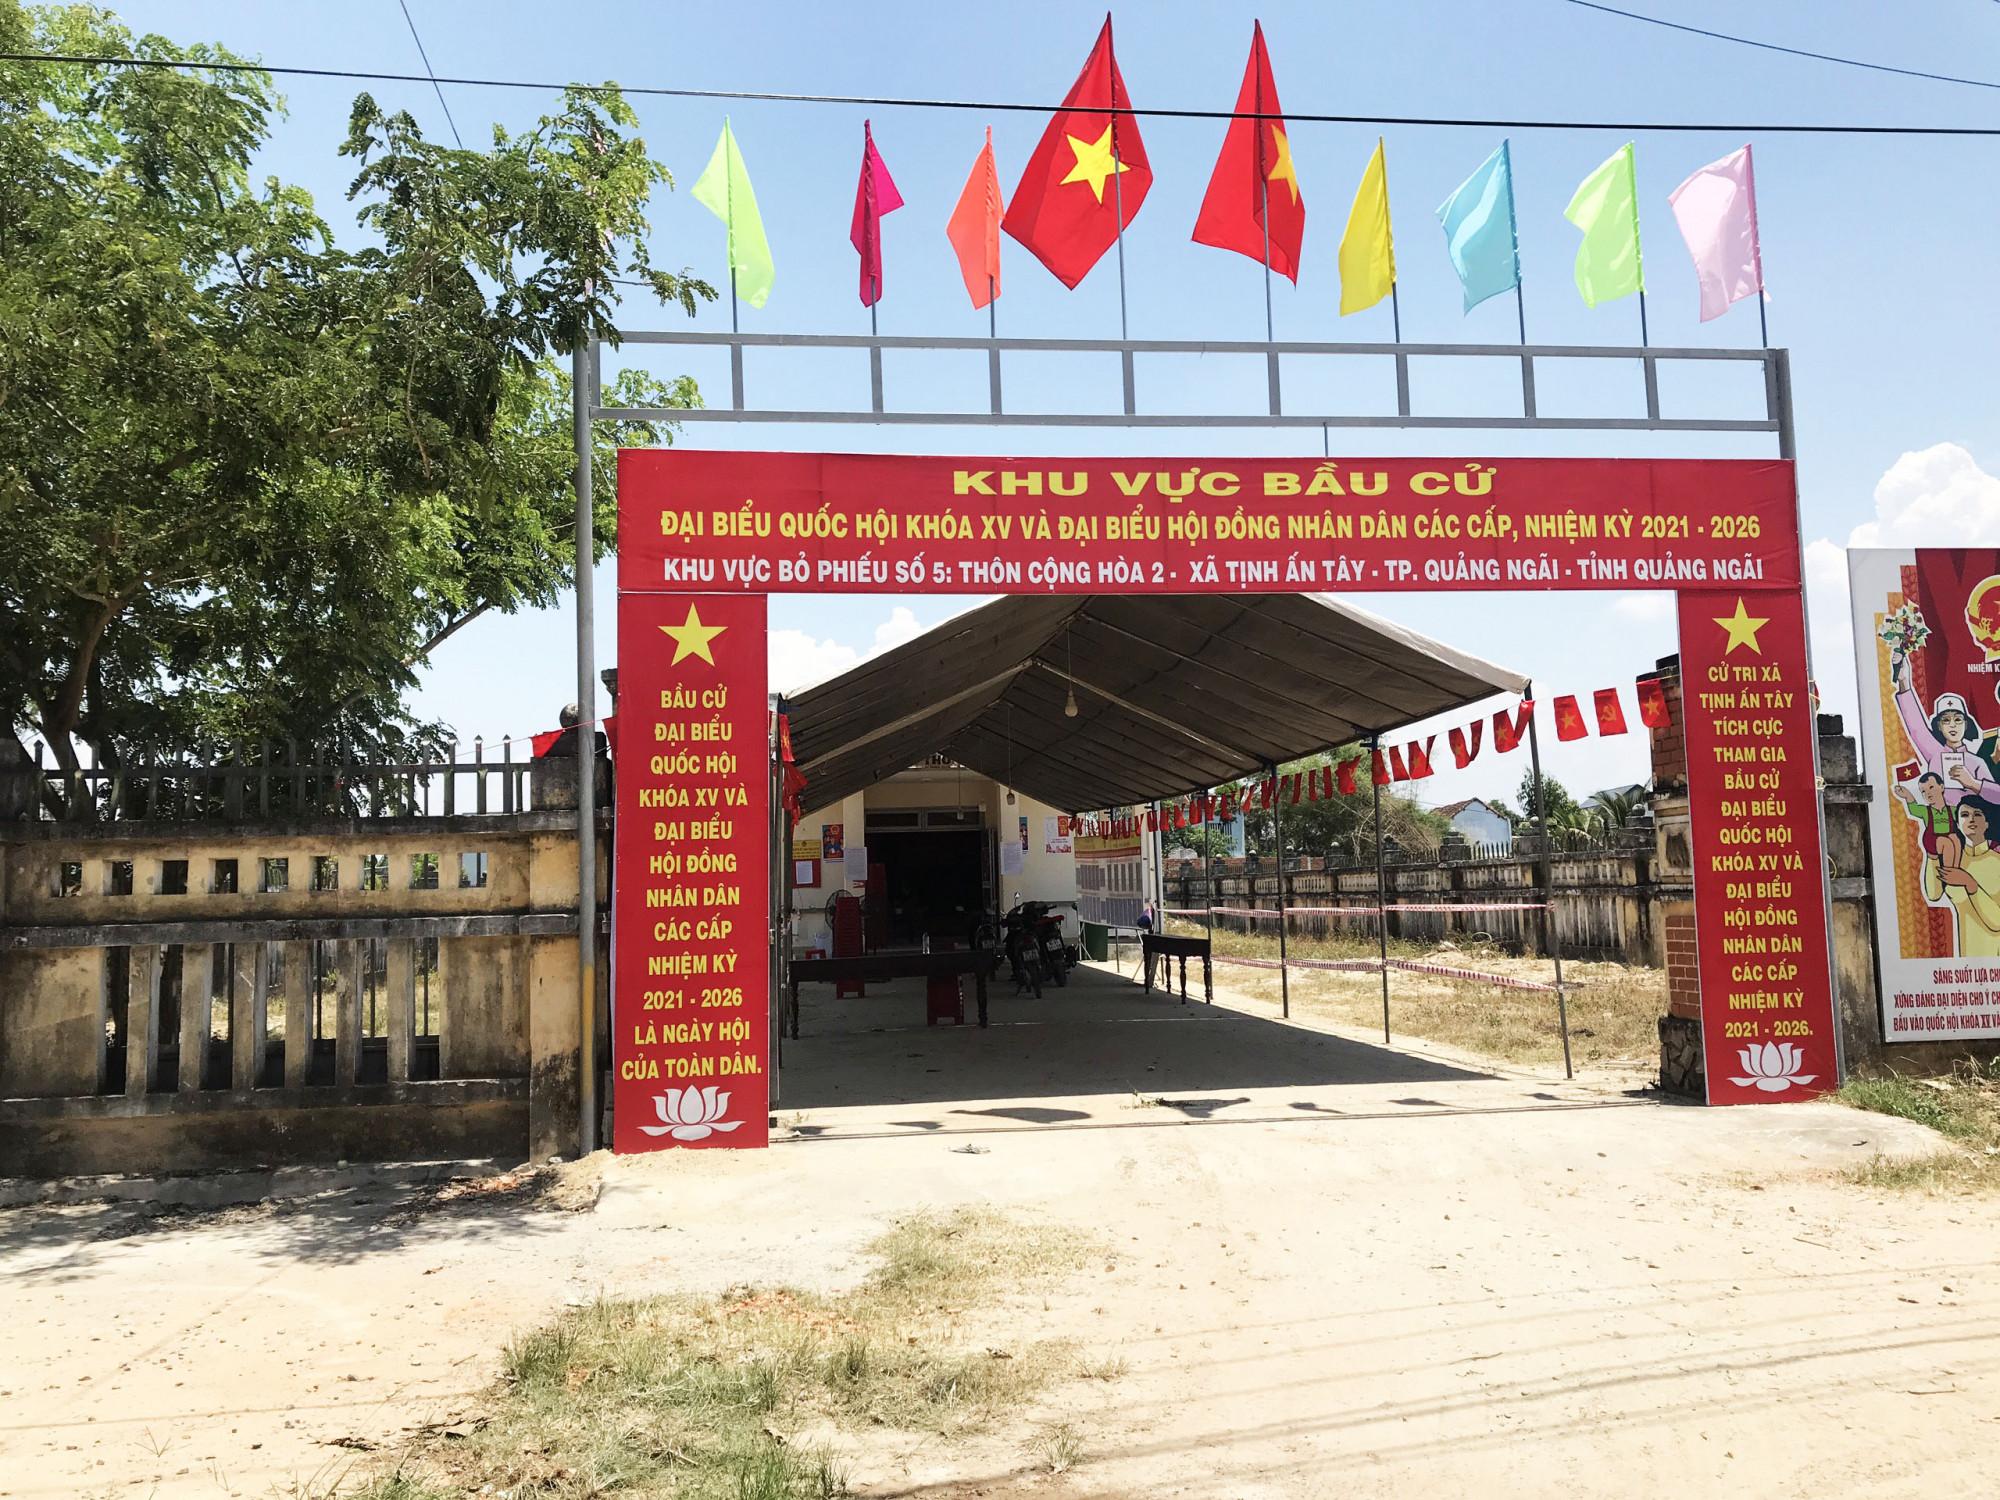 Điểm bỏ phiếu ở thôn Cộng Hoà 2, xã Tịnh Ấn Tây, Tp.Quảng Ngãi được chuẩn bị chu đáo cho ngày bầu cử